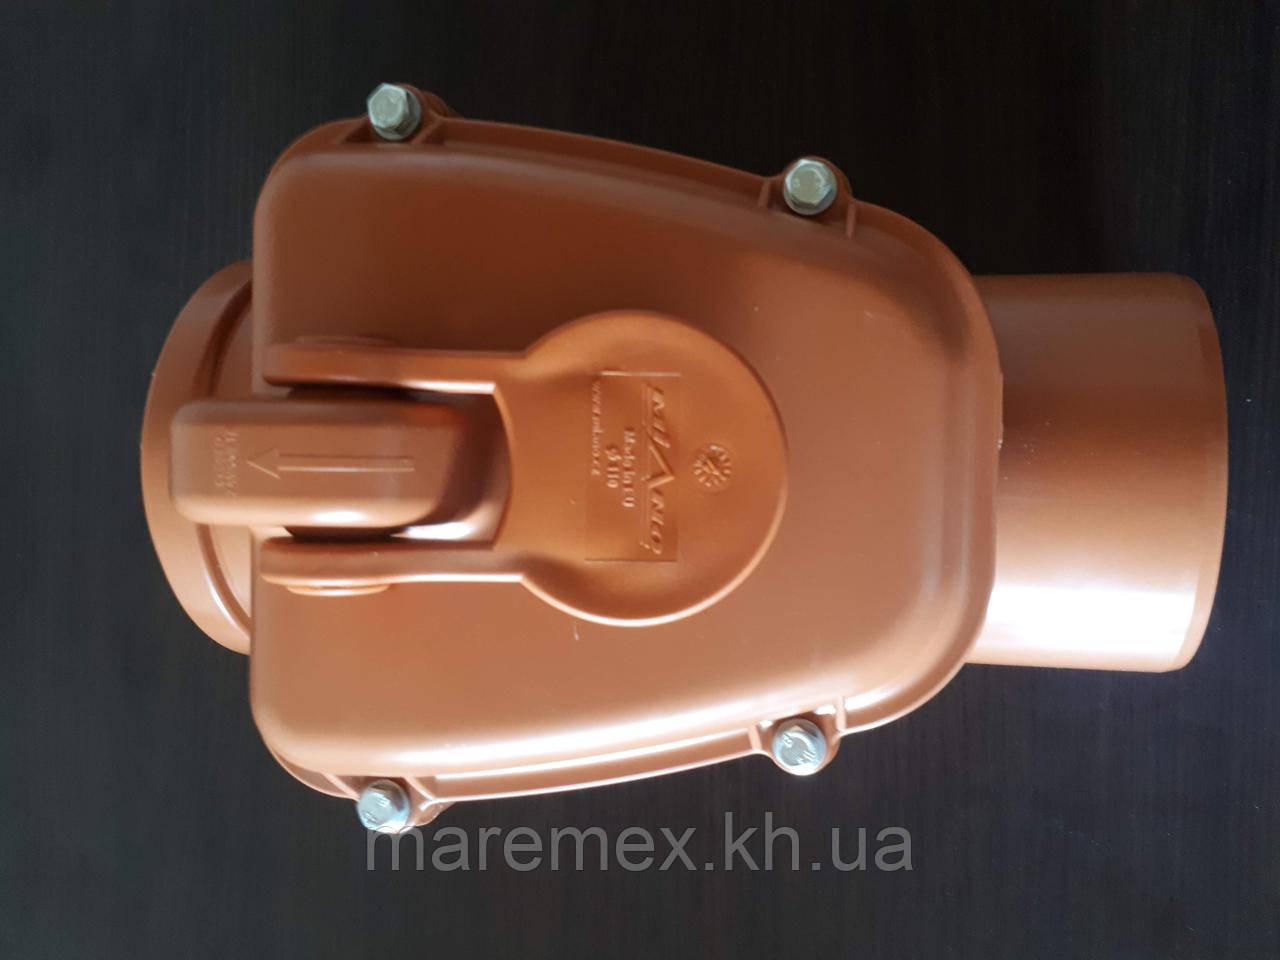 Обратный клапан для канализации д.110 FVplast (Польша)